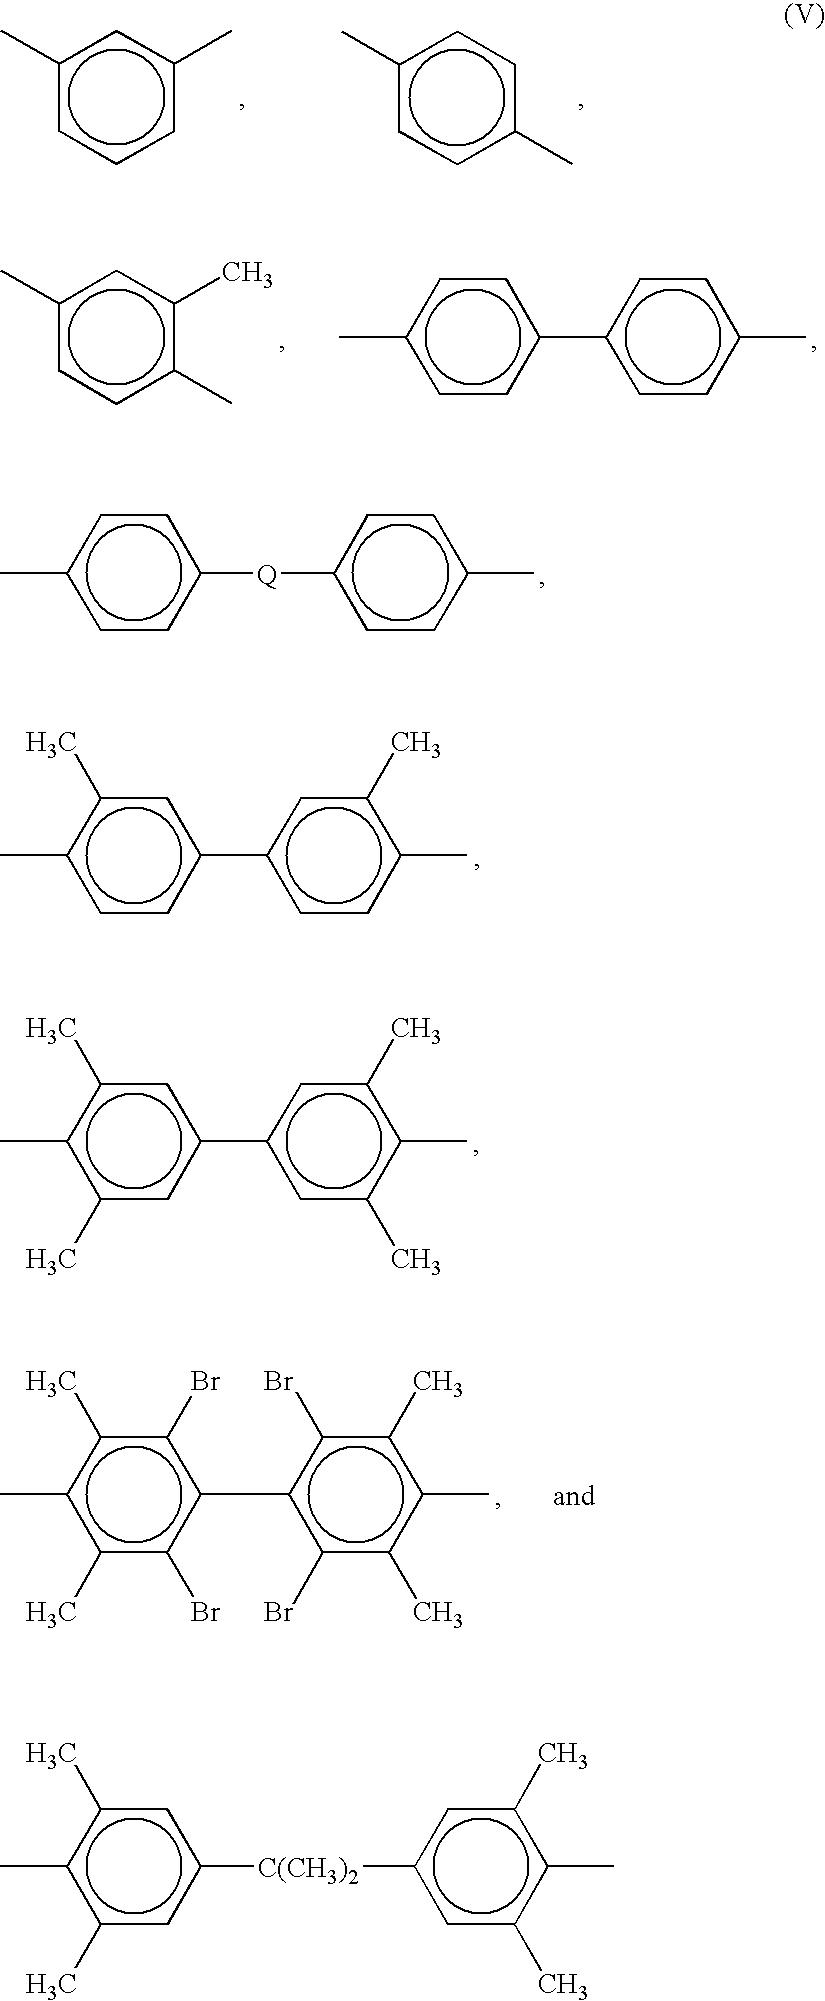 Figure US20070299213A1-20071227-C00008